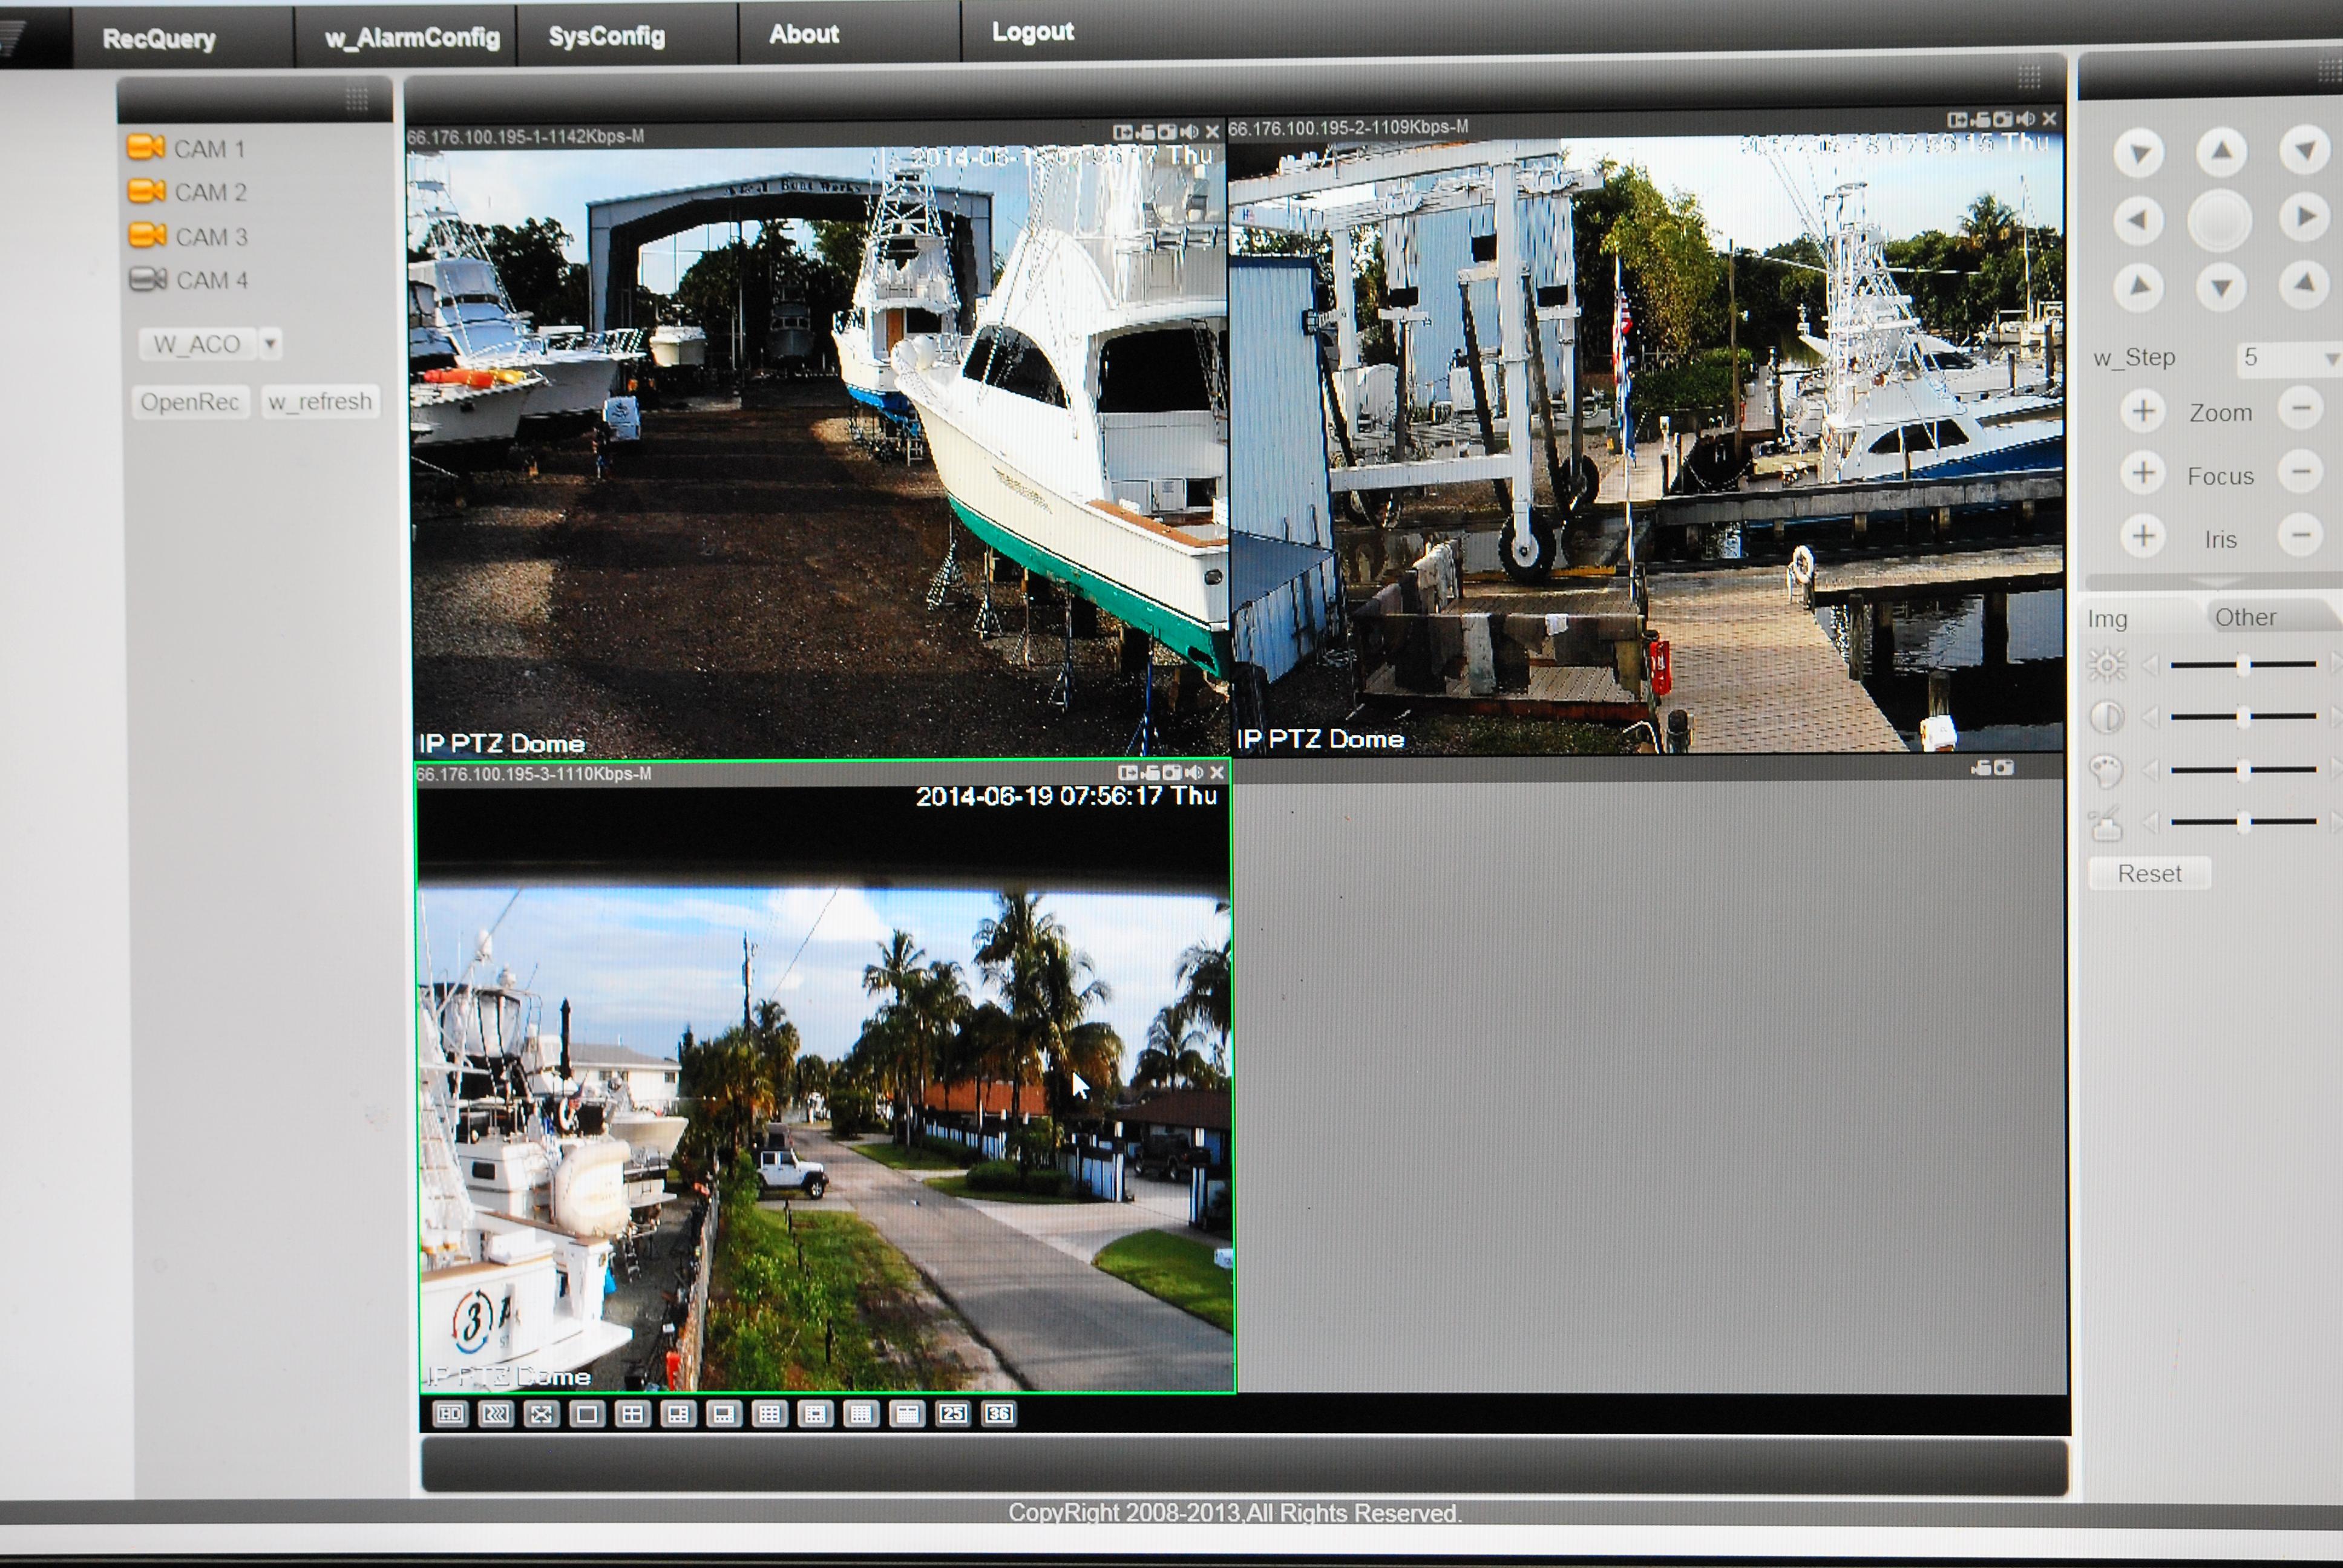 June19-Boat-Yard-Cameras.jpg